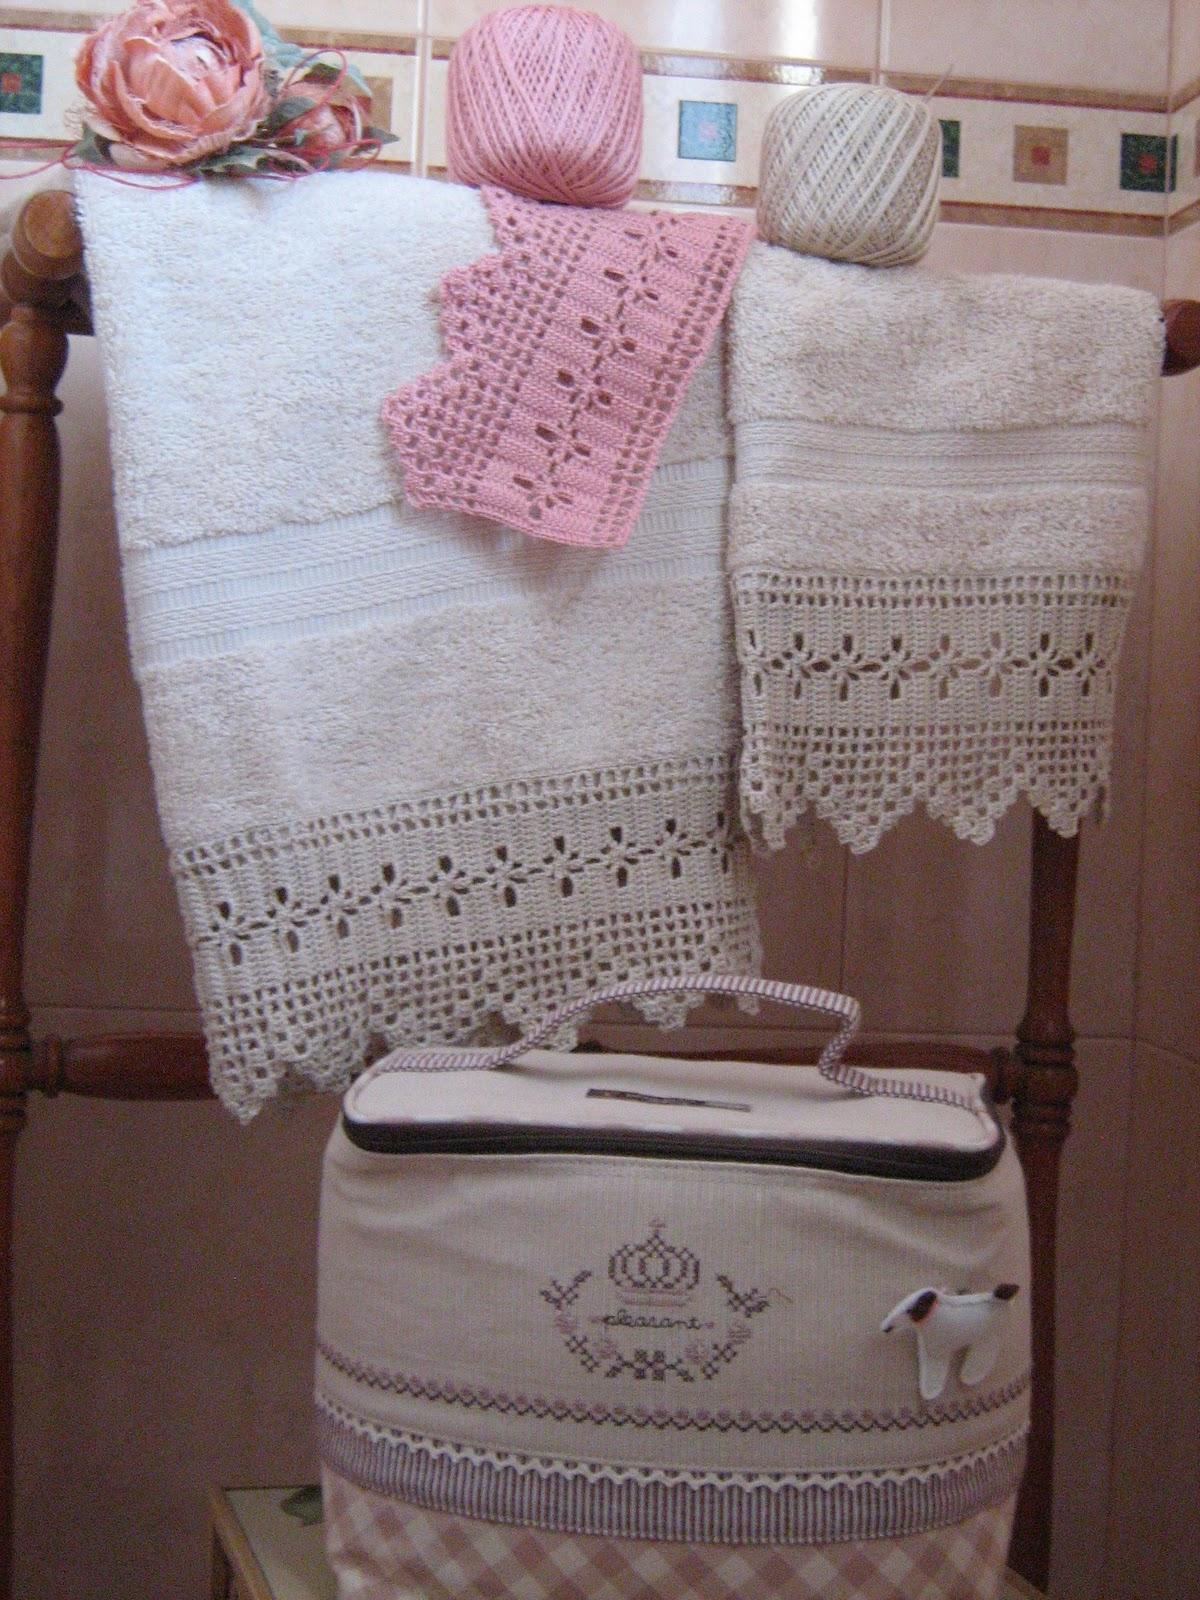 Semplicemente ketti asciugamani con bordure for Bordi uncinetto per asciugamani